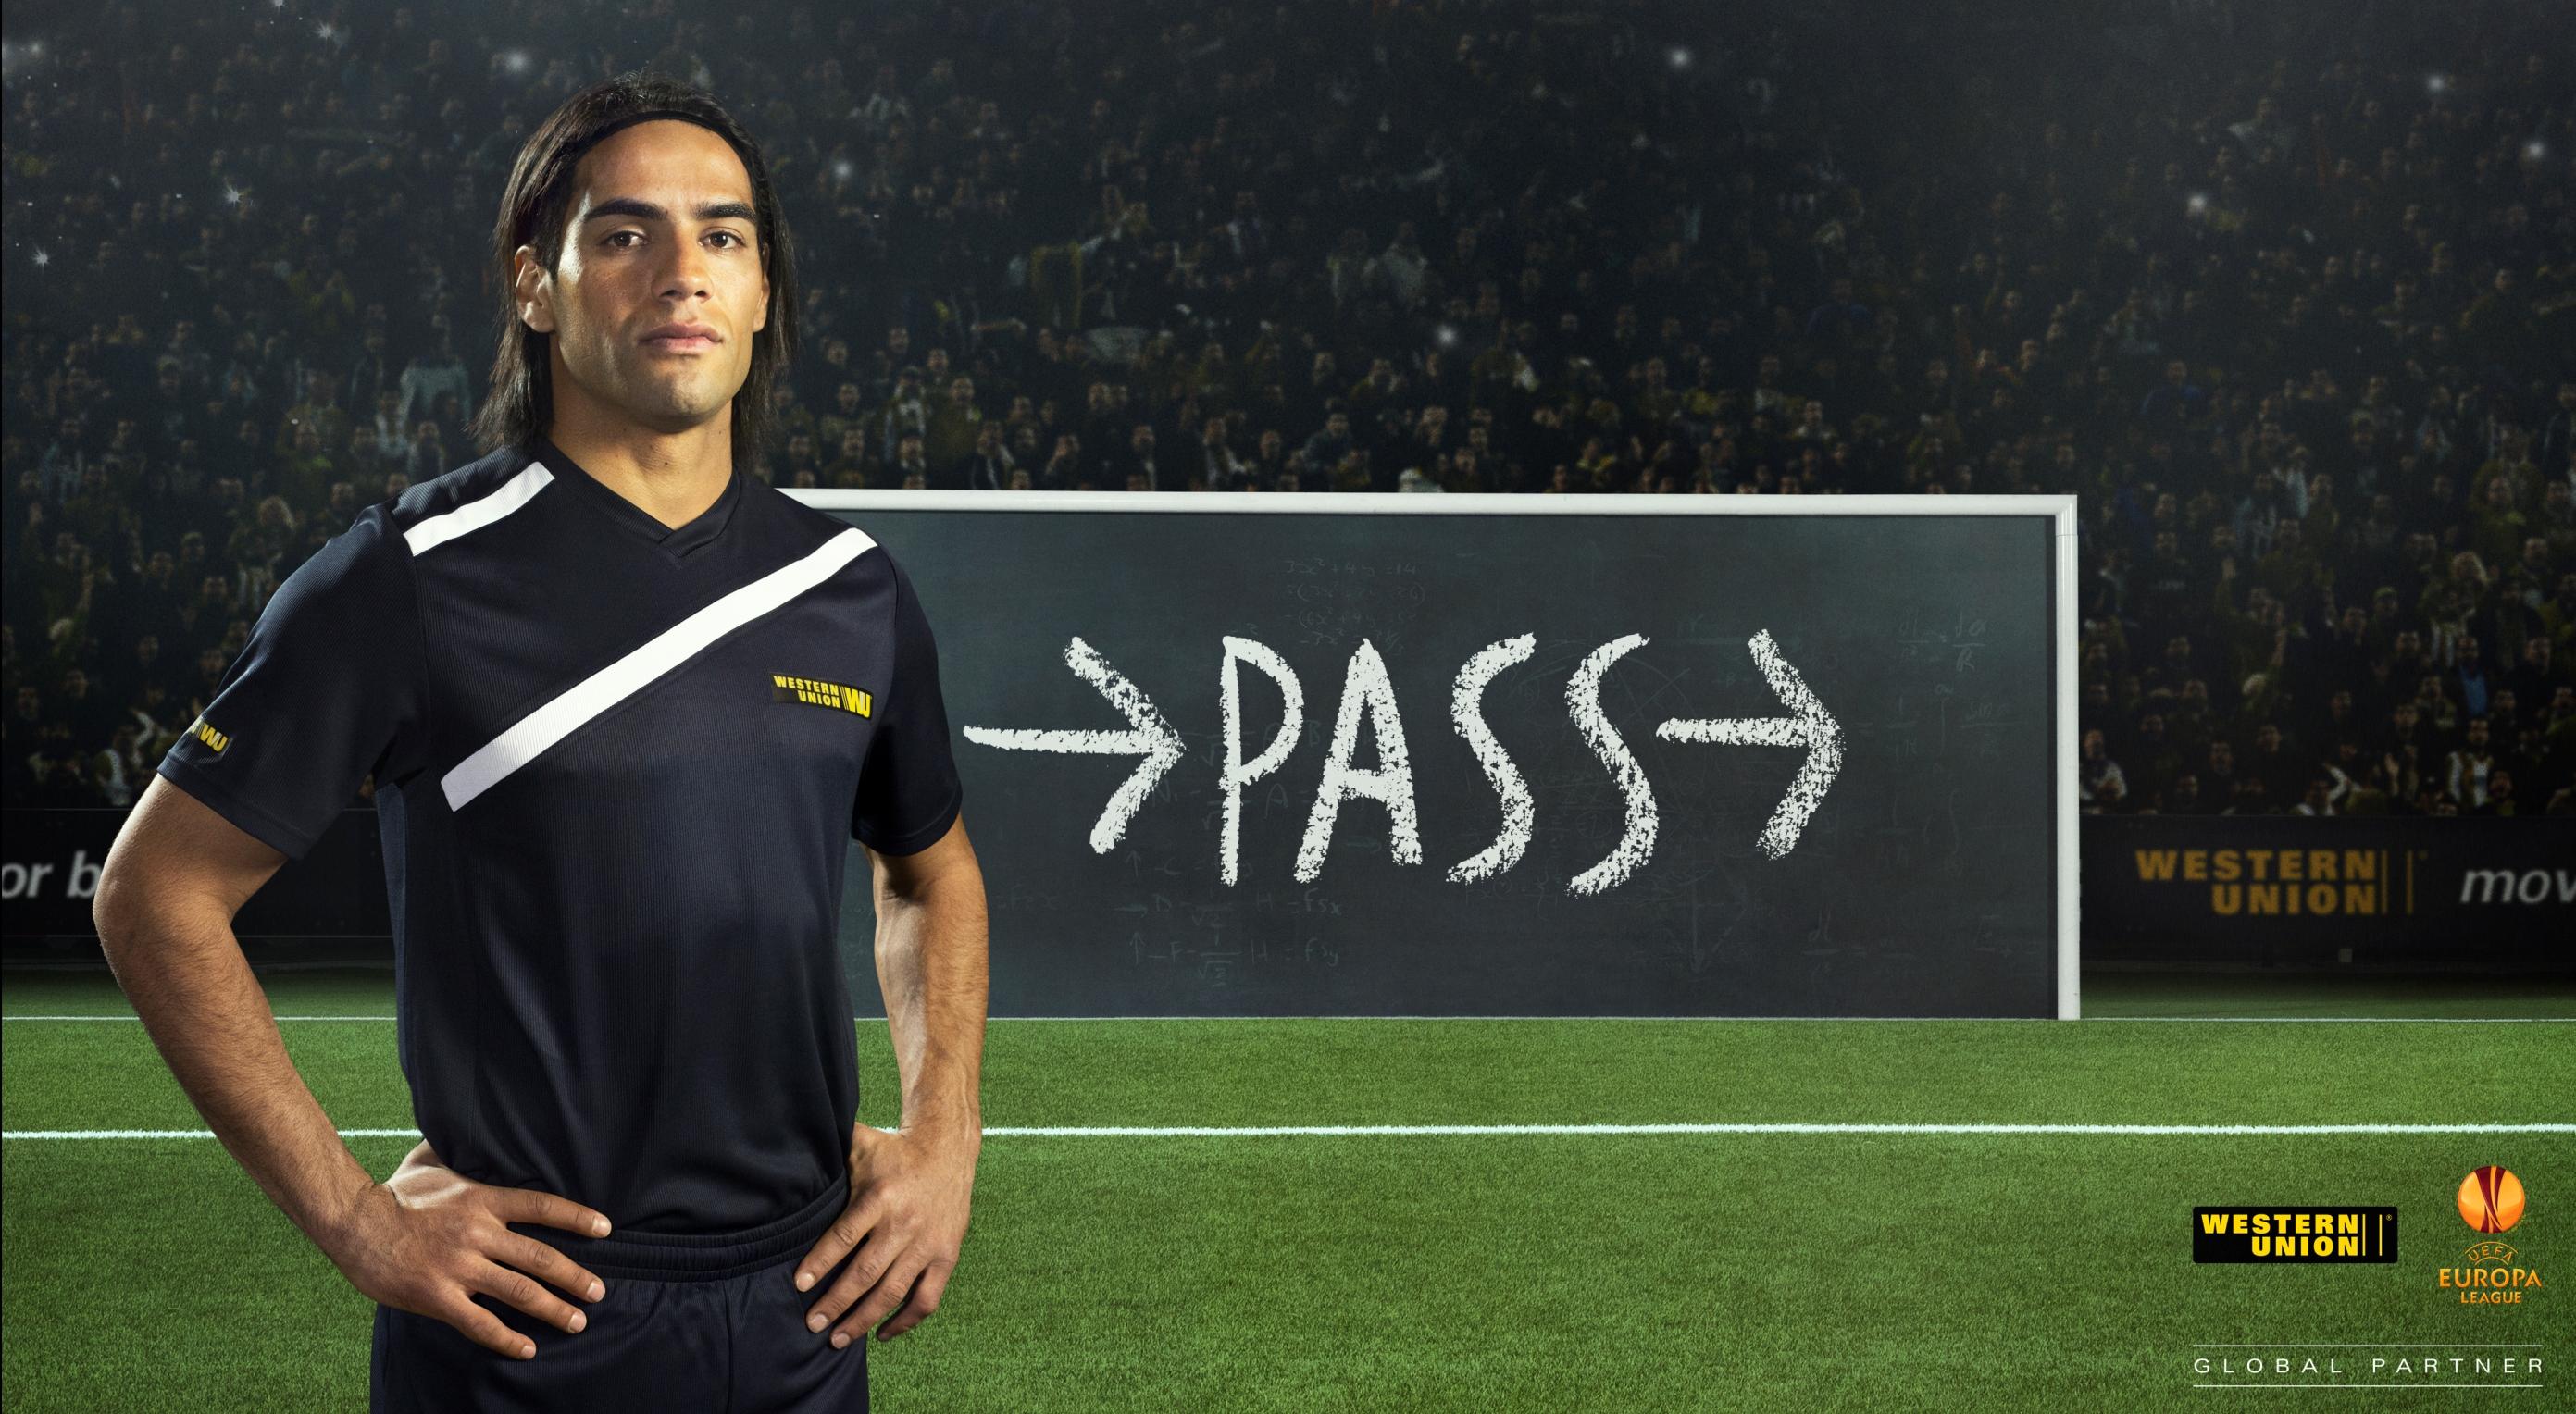 Le projet PASS de Western Union franchit la barre des 250 000 passes